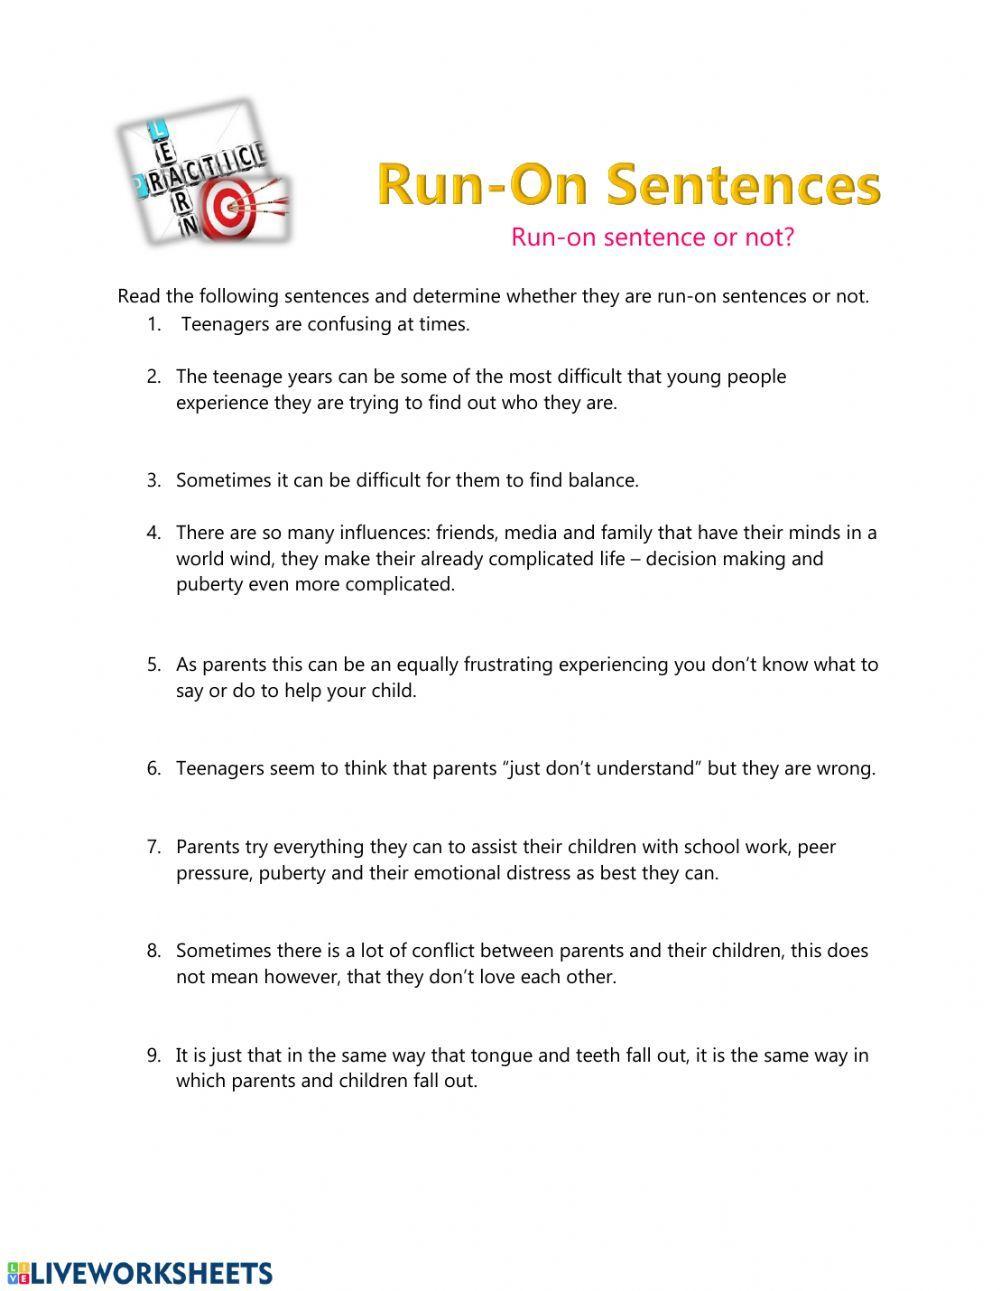 Run On Sentences Interactive Worksheet Run On Sentences Sentences Worksheet Template